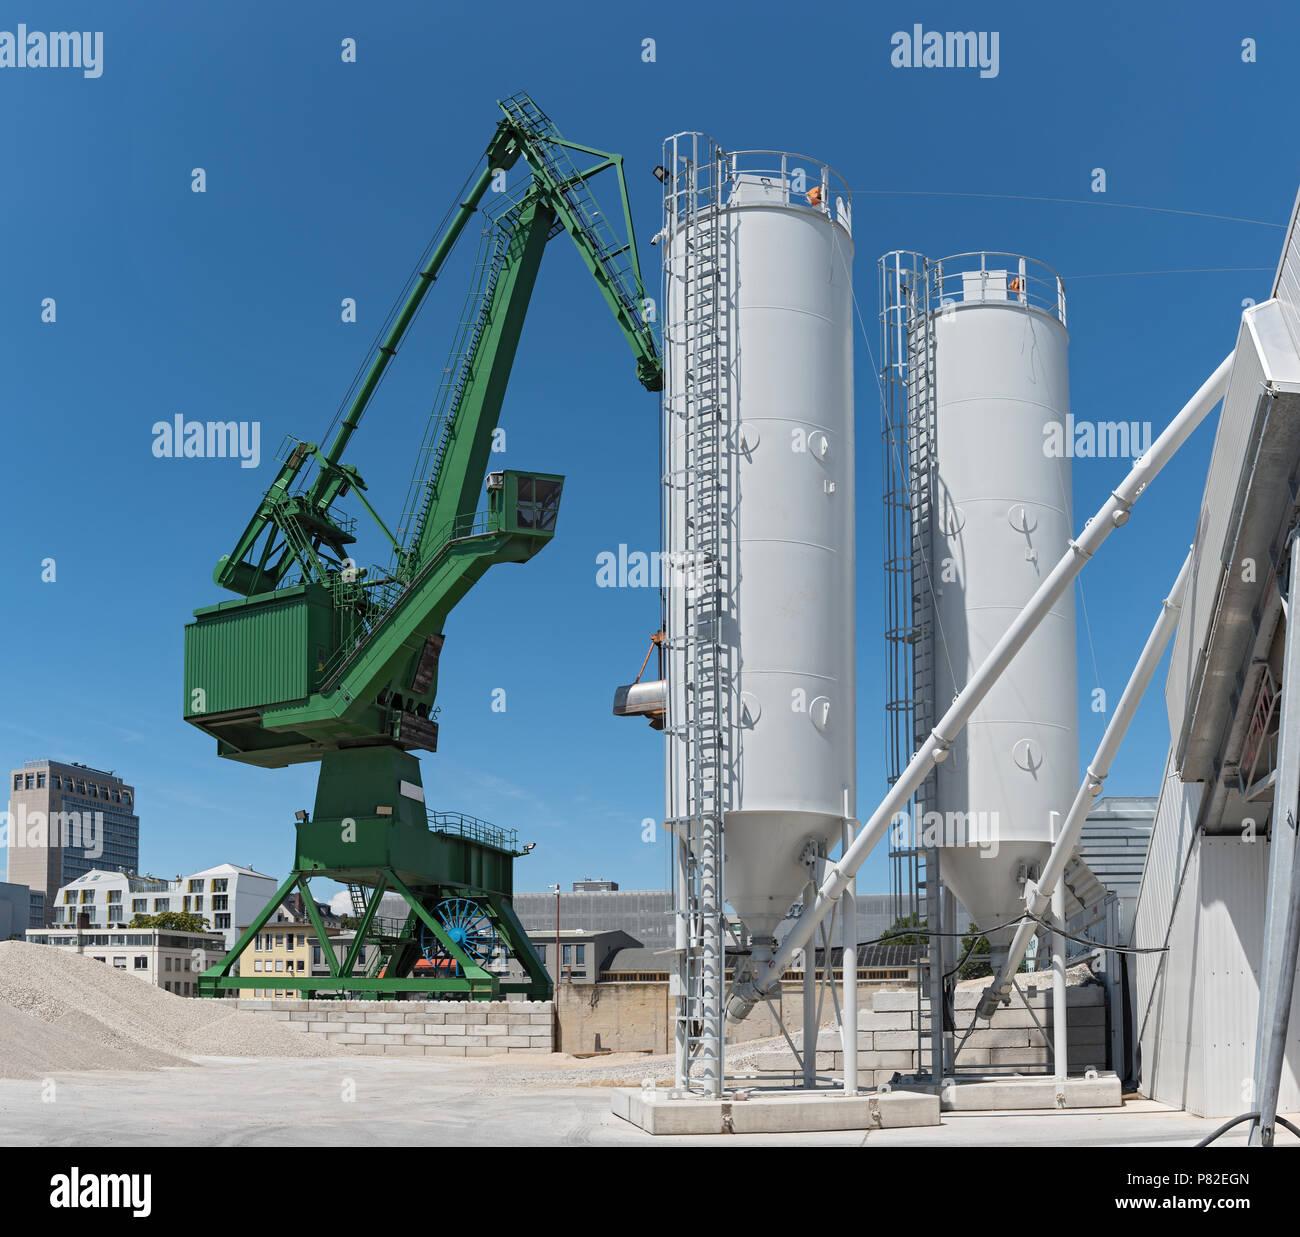 Vue extérieure d'une usine de ciment avec grue verte. Photo Stock